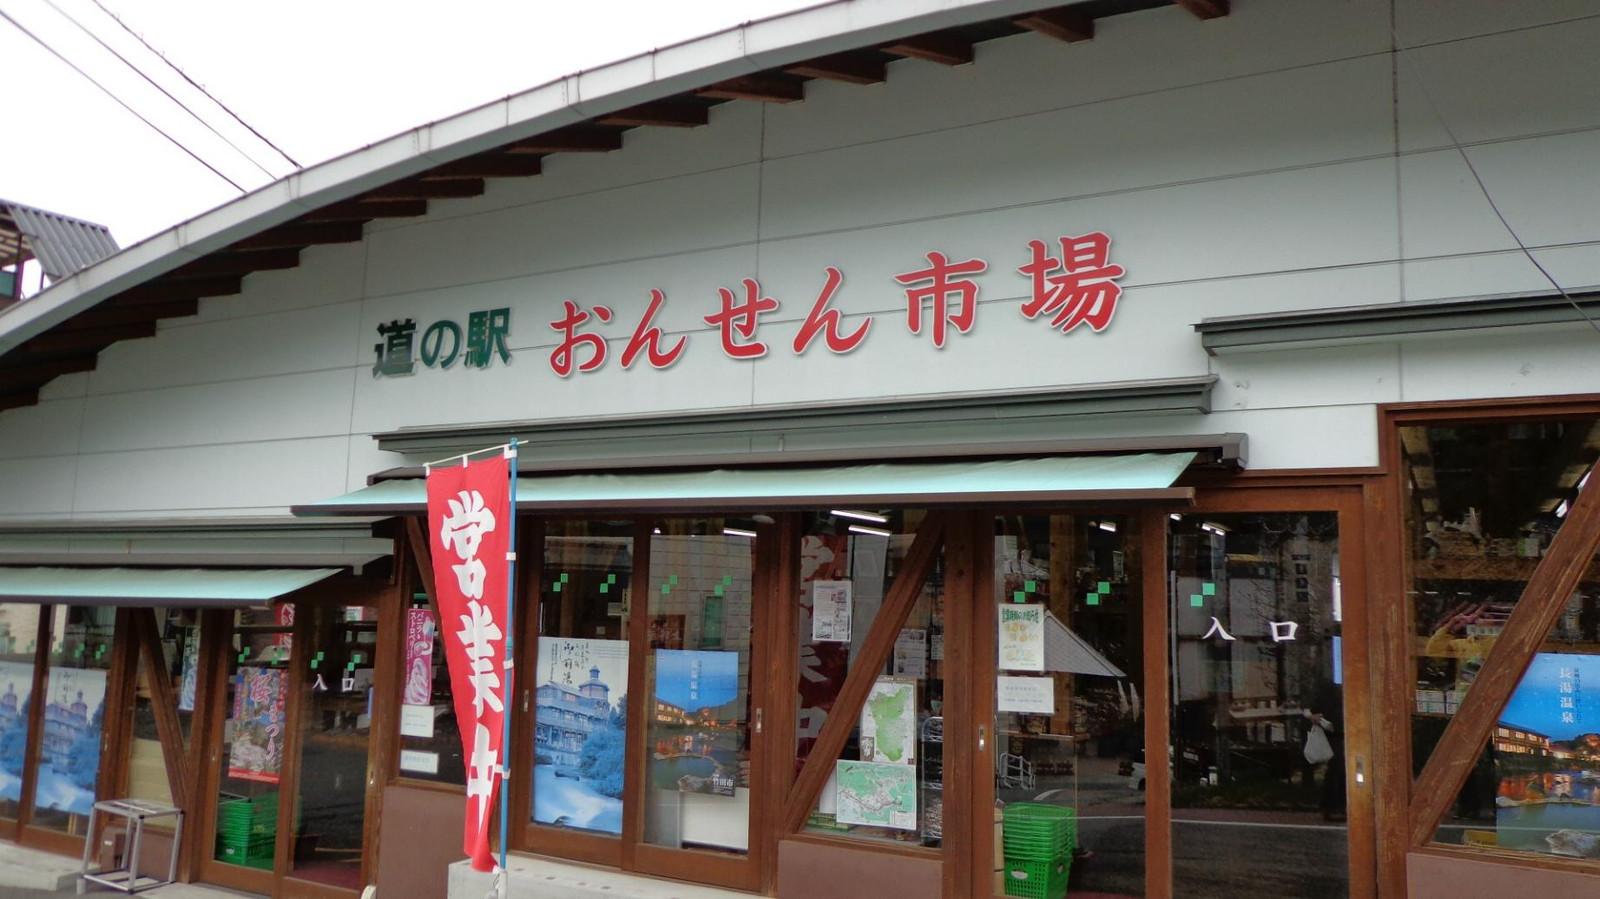 Nagayumichi